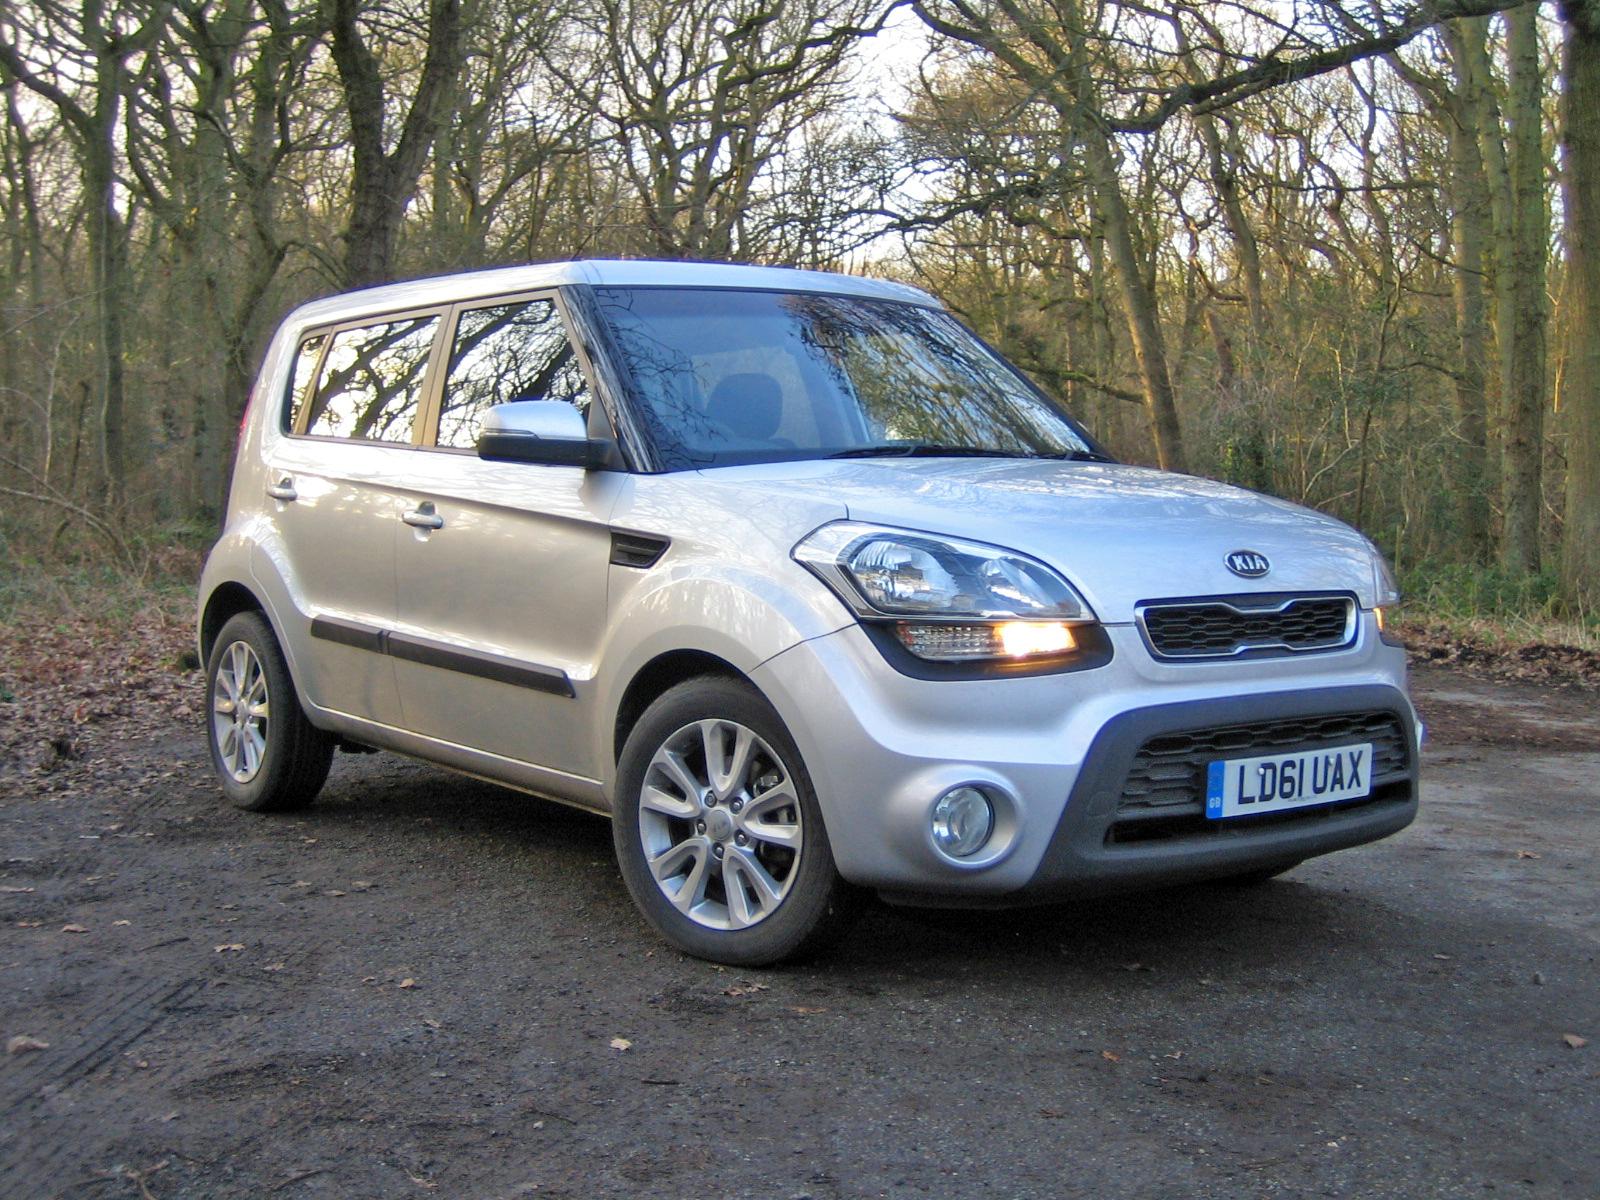 soul long ev blue term reviews test road verdict kia review car driving final